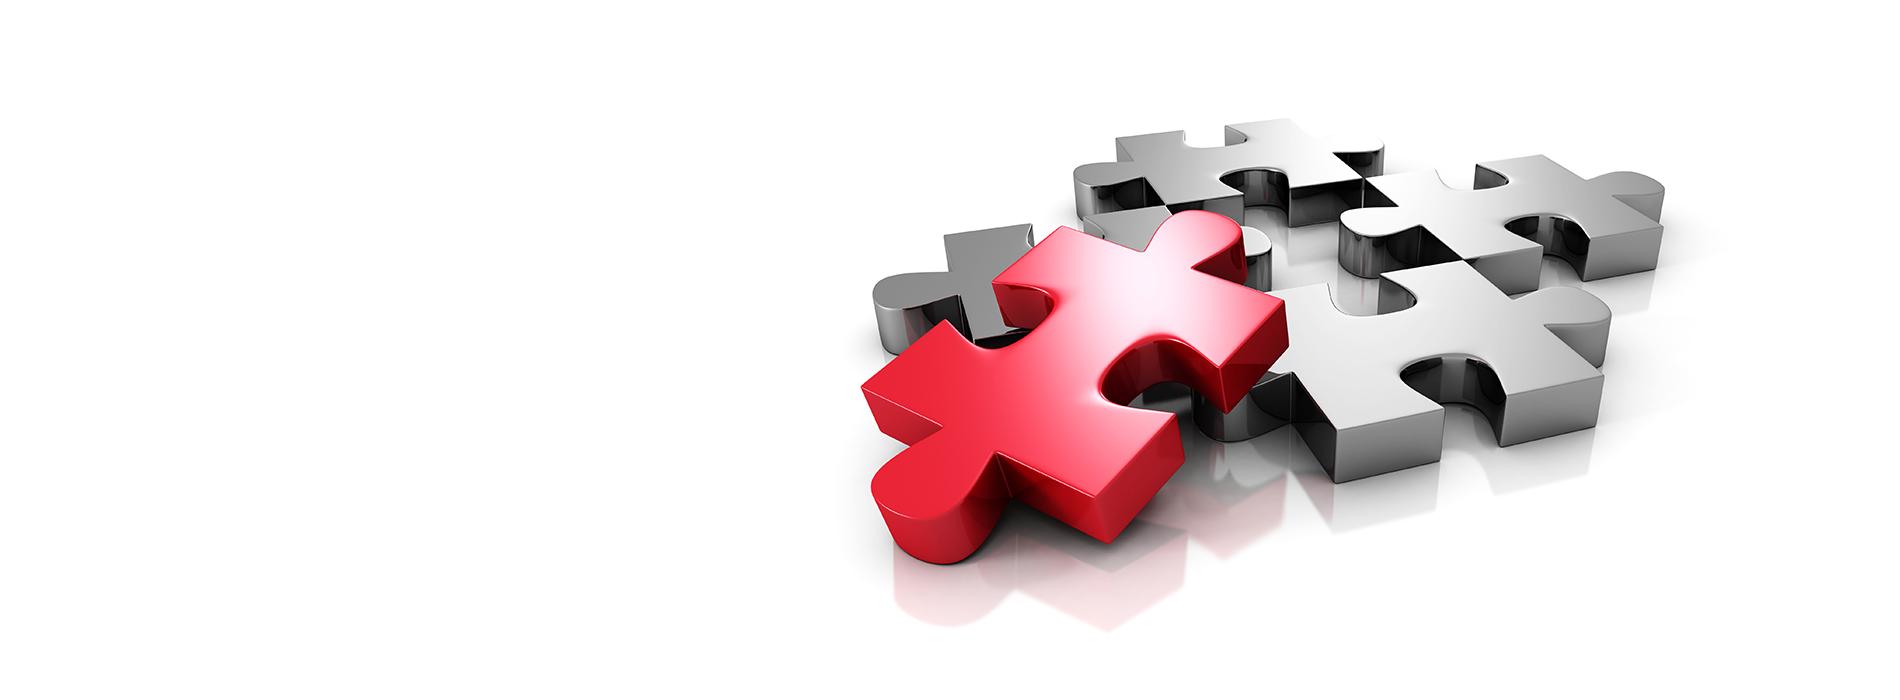 Advalco arbeitet mit starken Partners aus der Recruiting-Branche zusammen